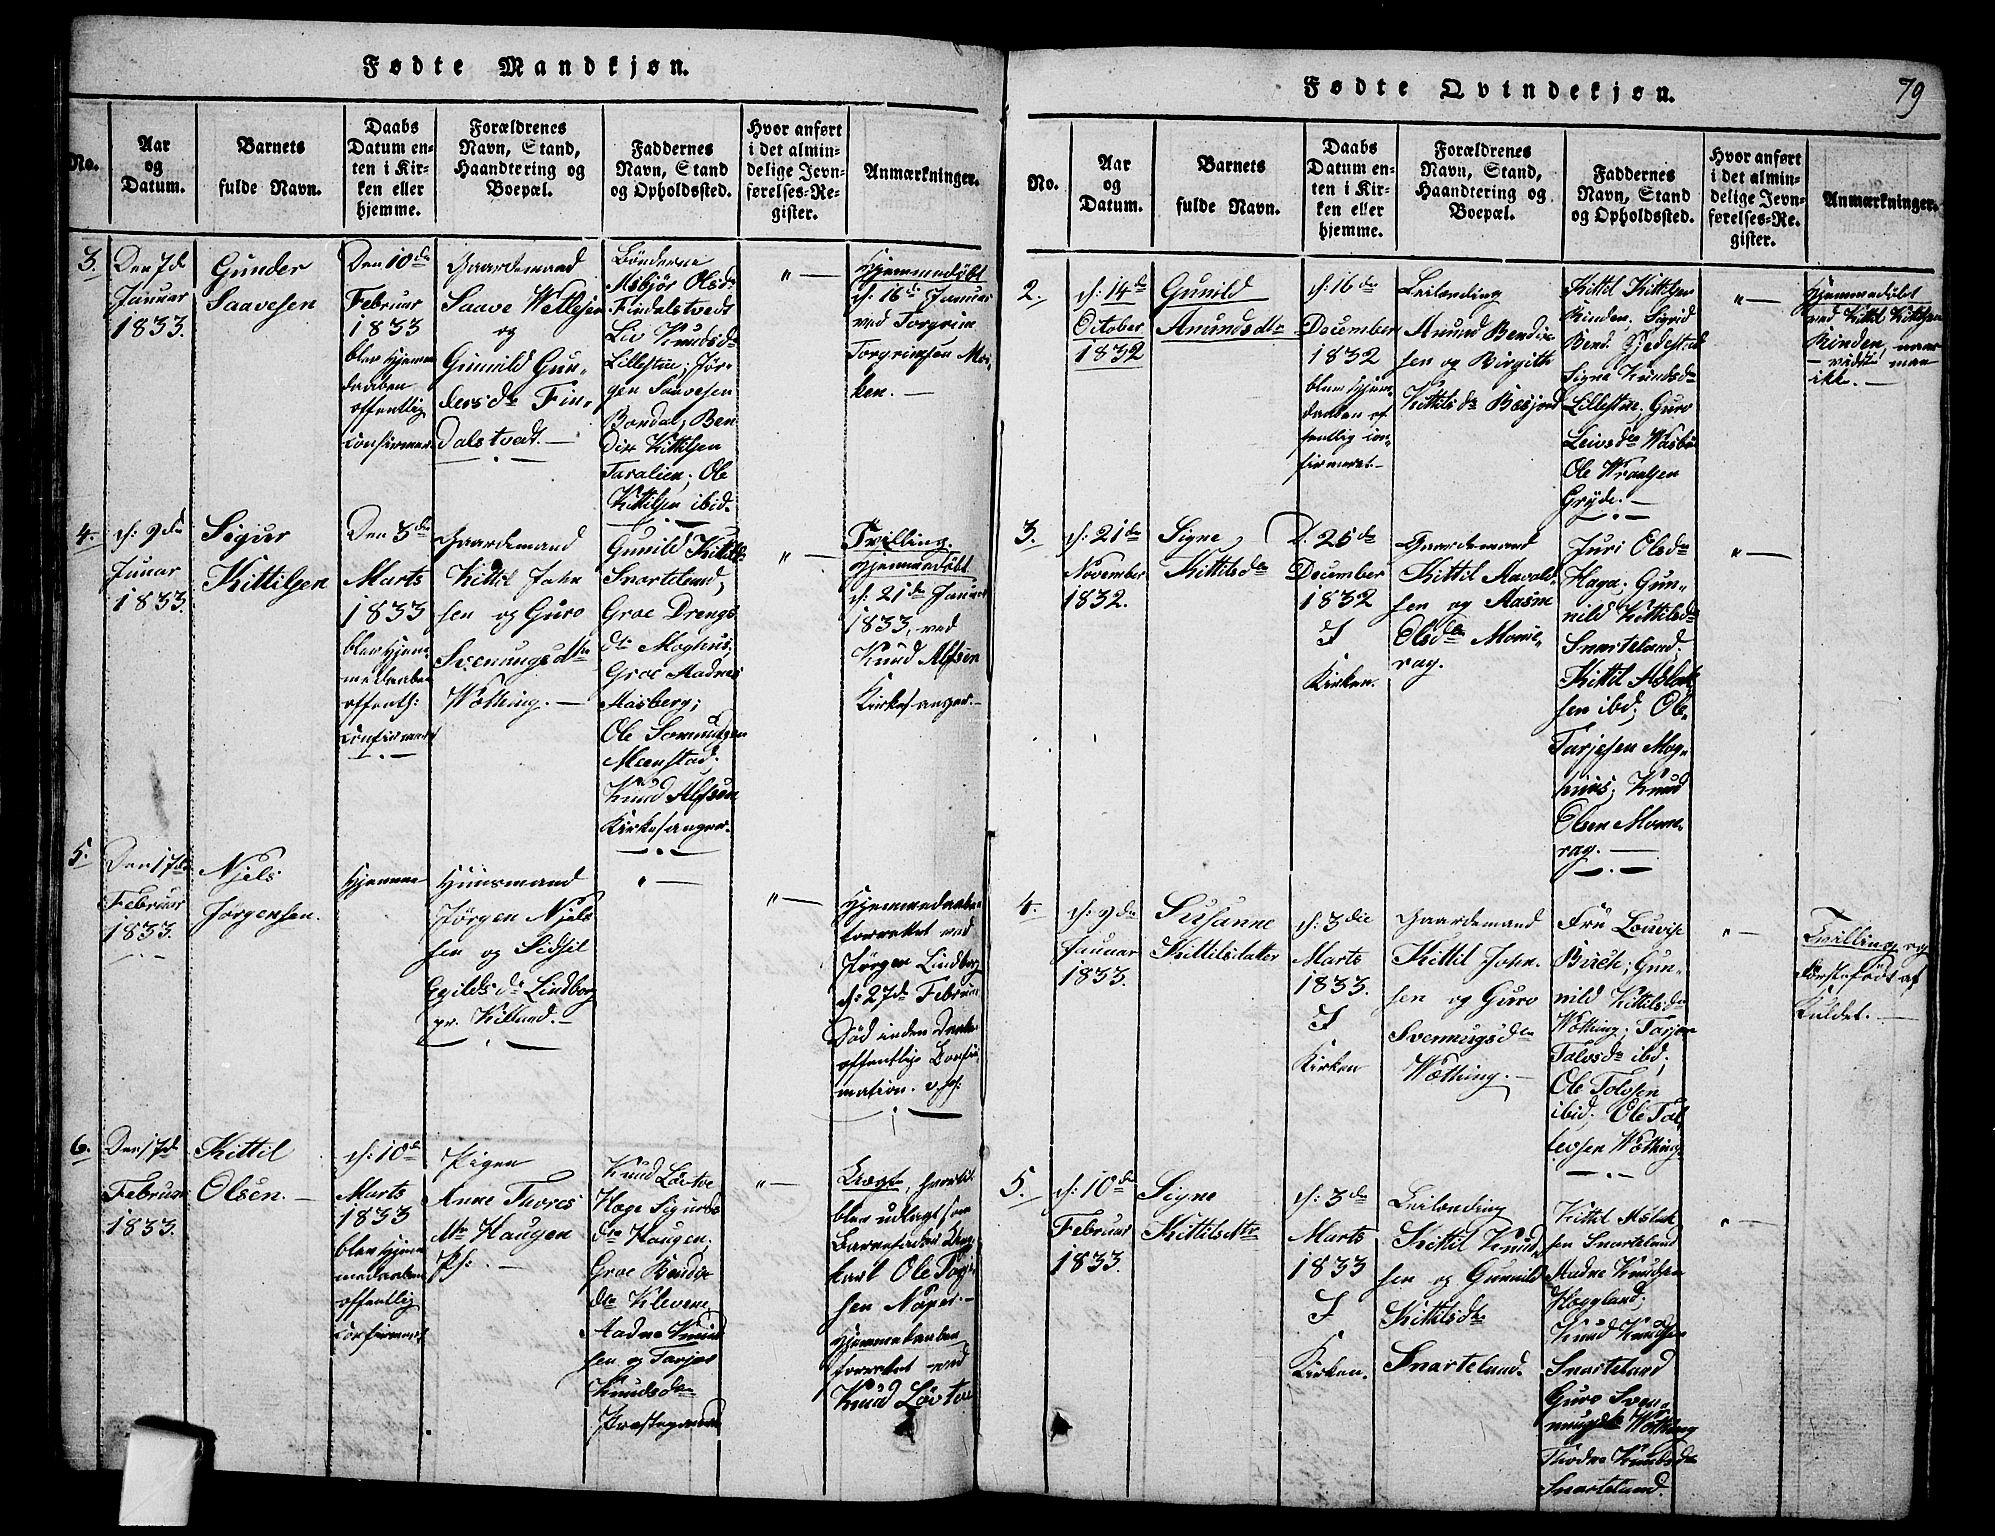 SAKO, Fyresdal kirkebøker, G/Ga/L0001: Klokkerbok nr. I 1, 1816-1840, s. 79